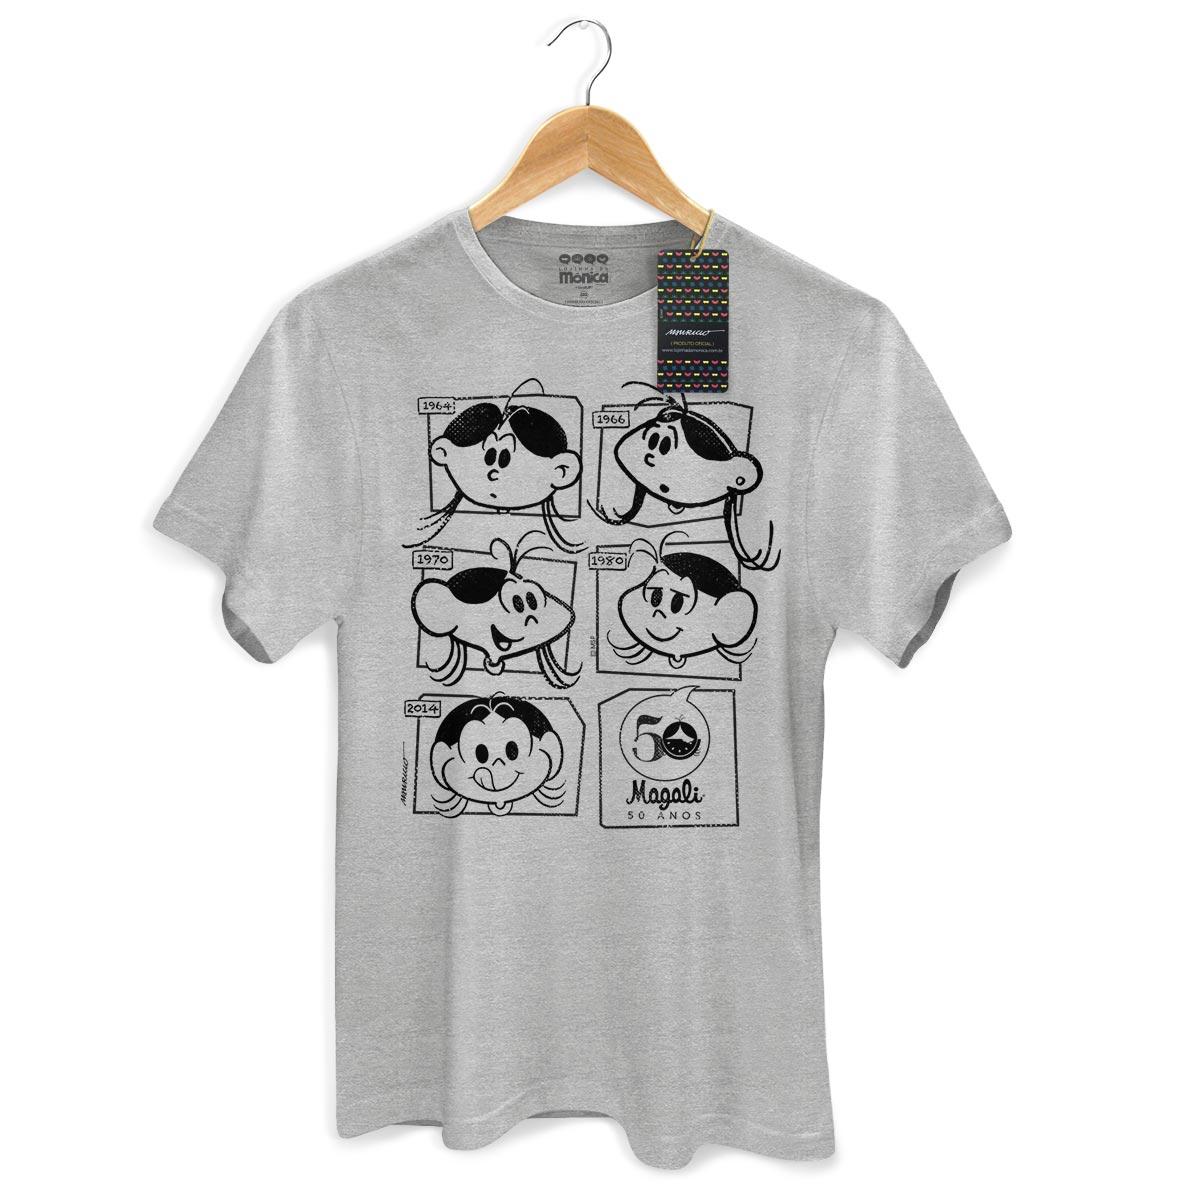 Camiseta Masculina Magali 50 Anos Evolução